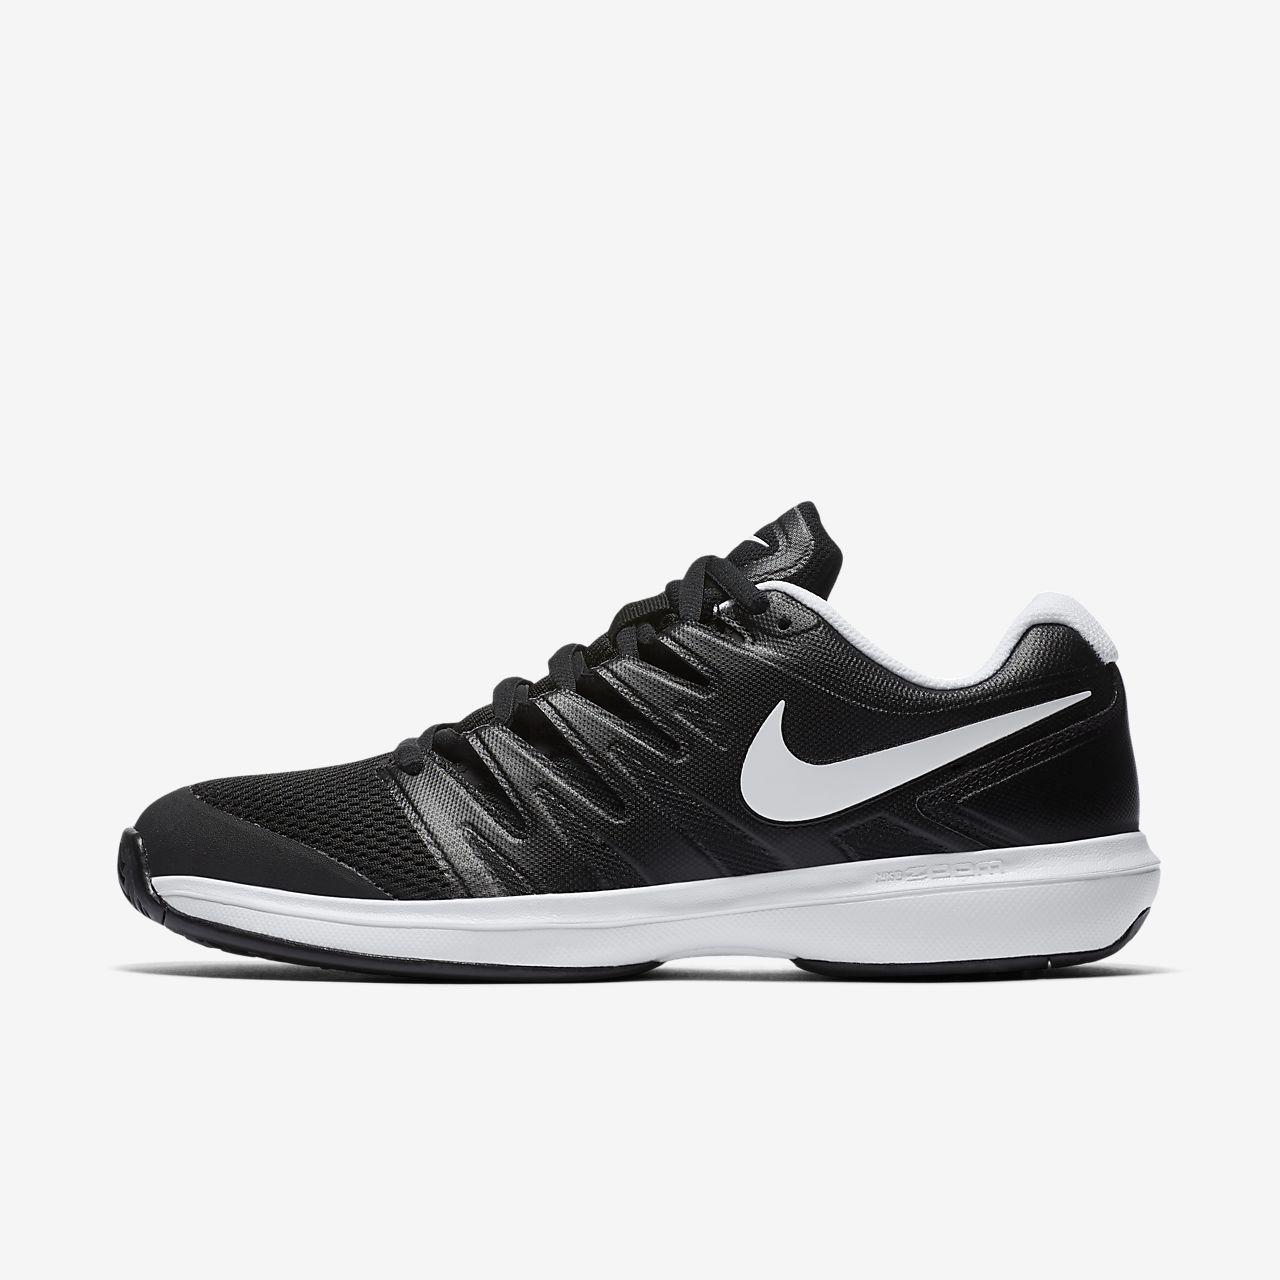 db4665b2805 ... NikeCourt Air Zoom Prestige Zapatillas de tenis de pista rápida - Hombre